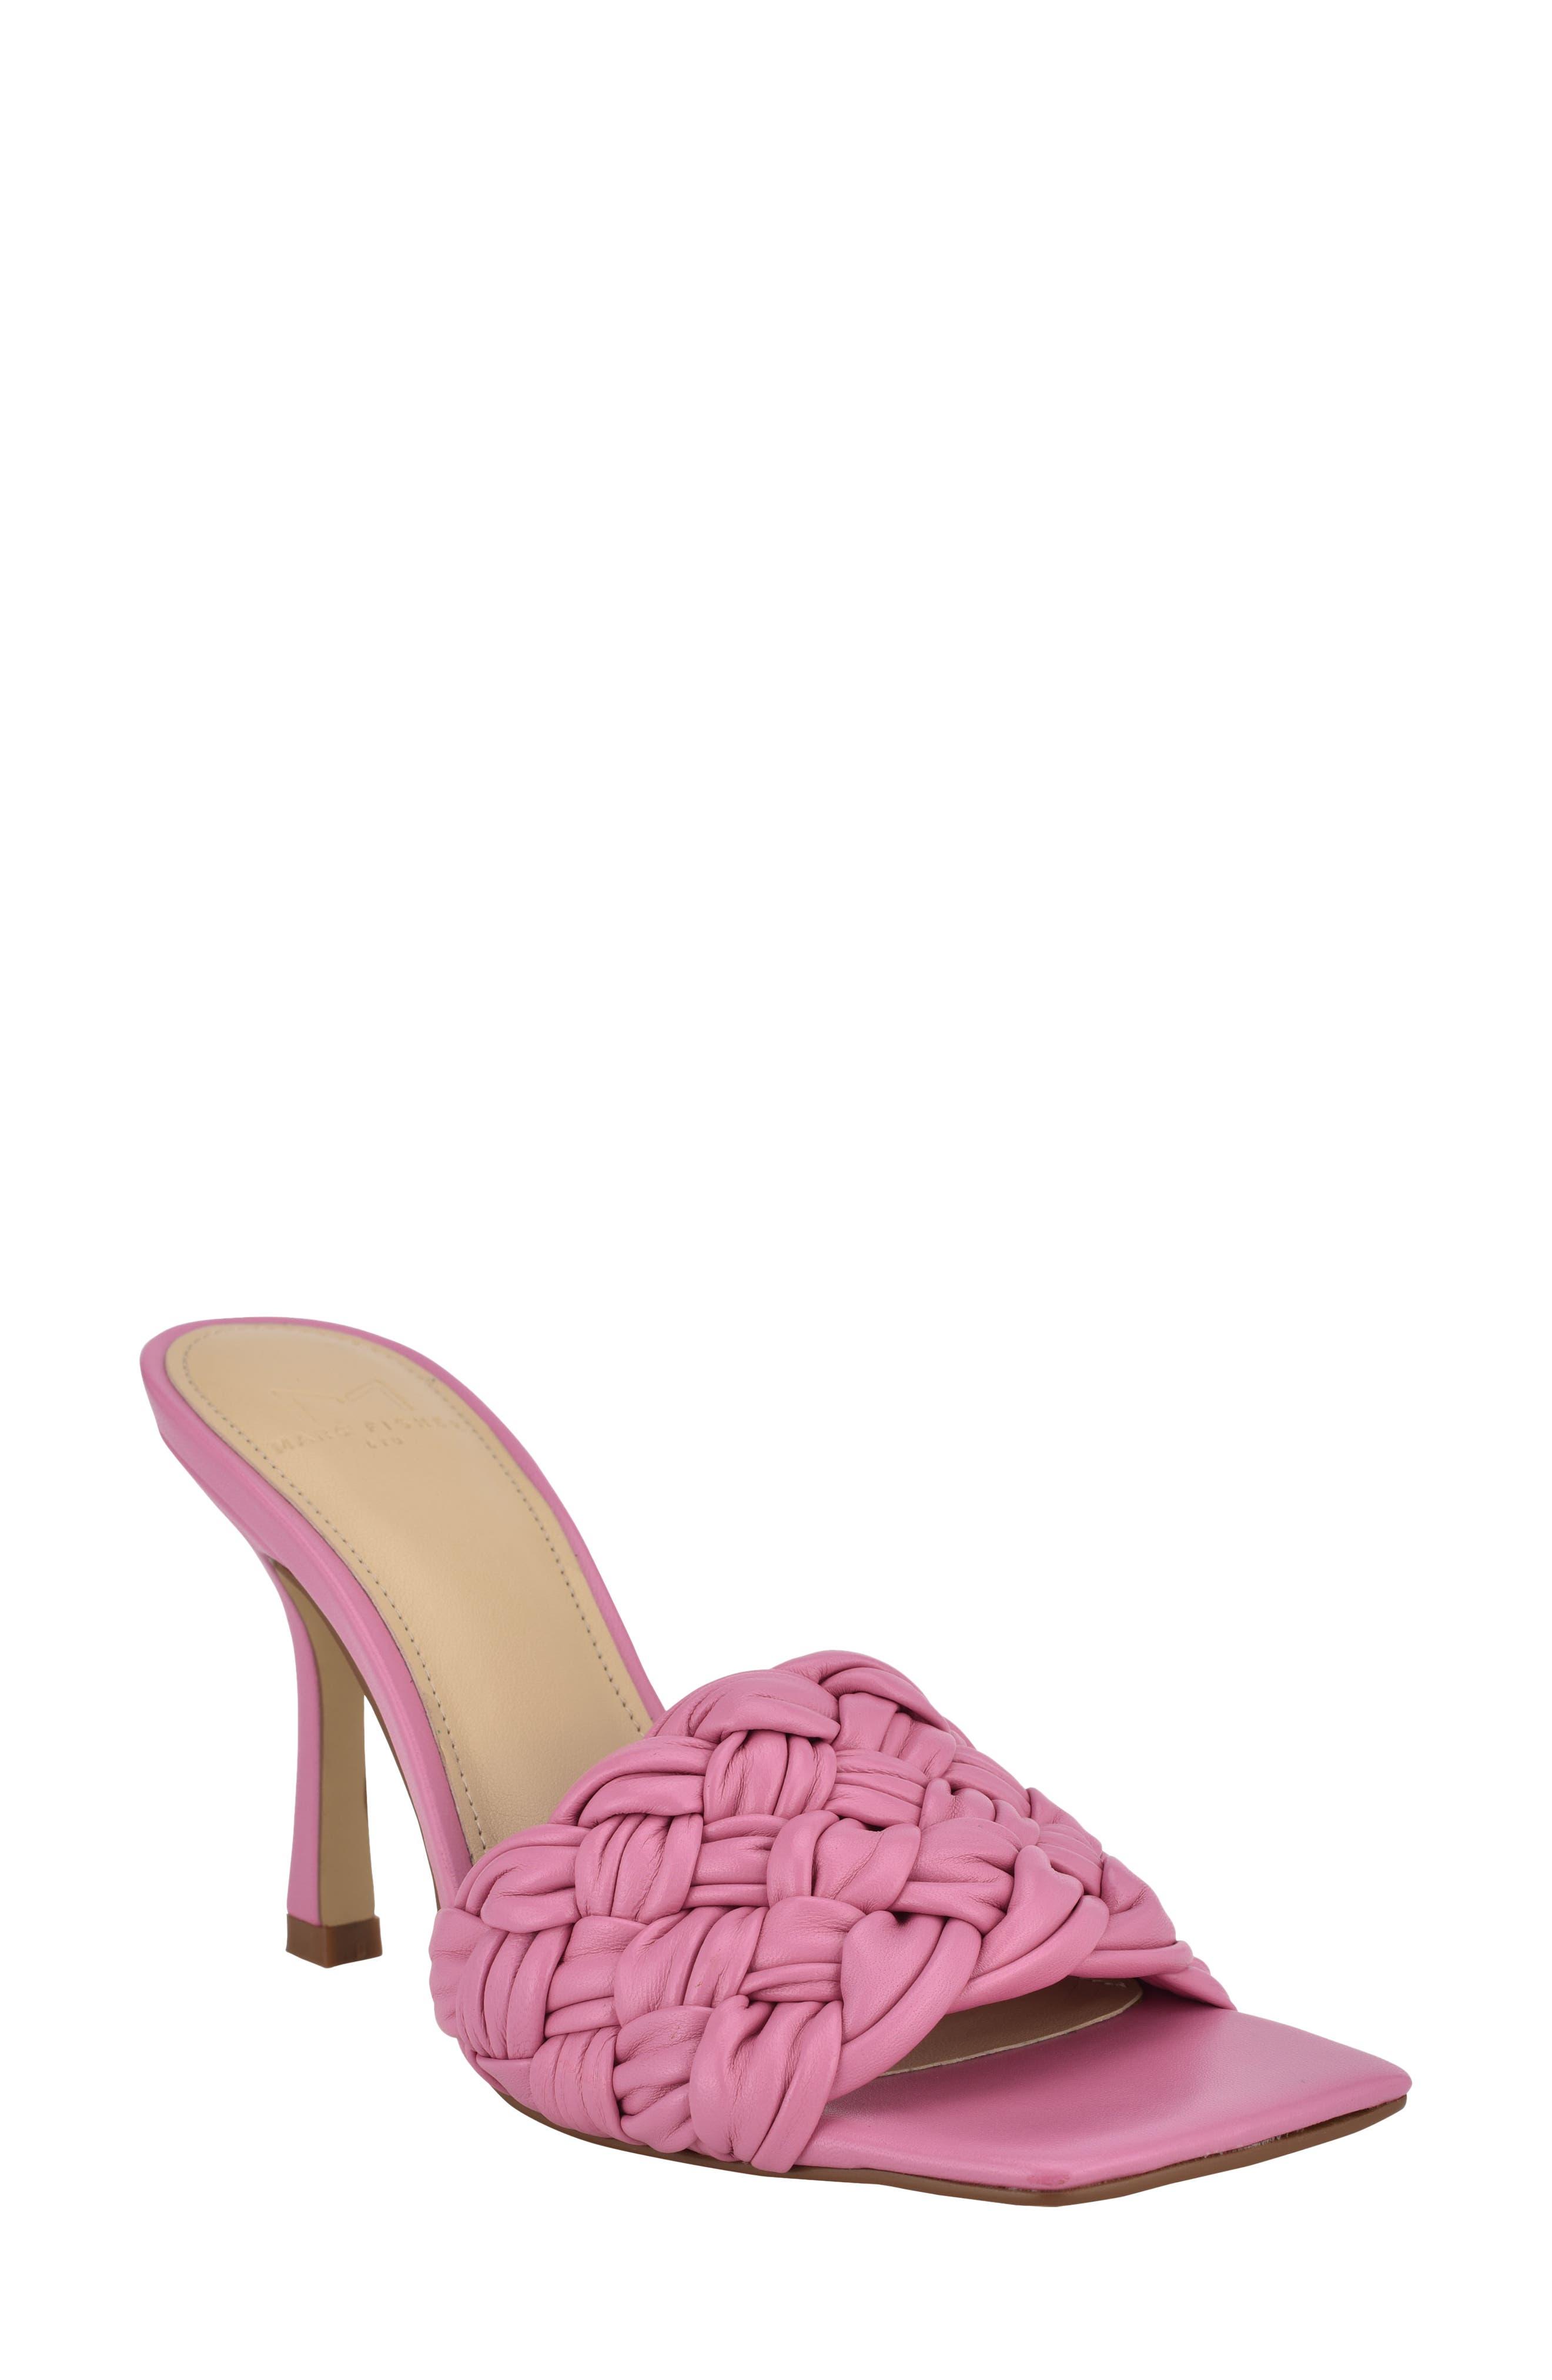 Women's Marc Fisher Draya Slide Sandal